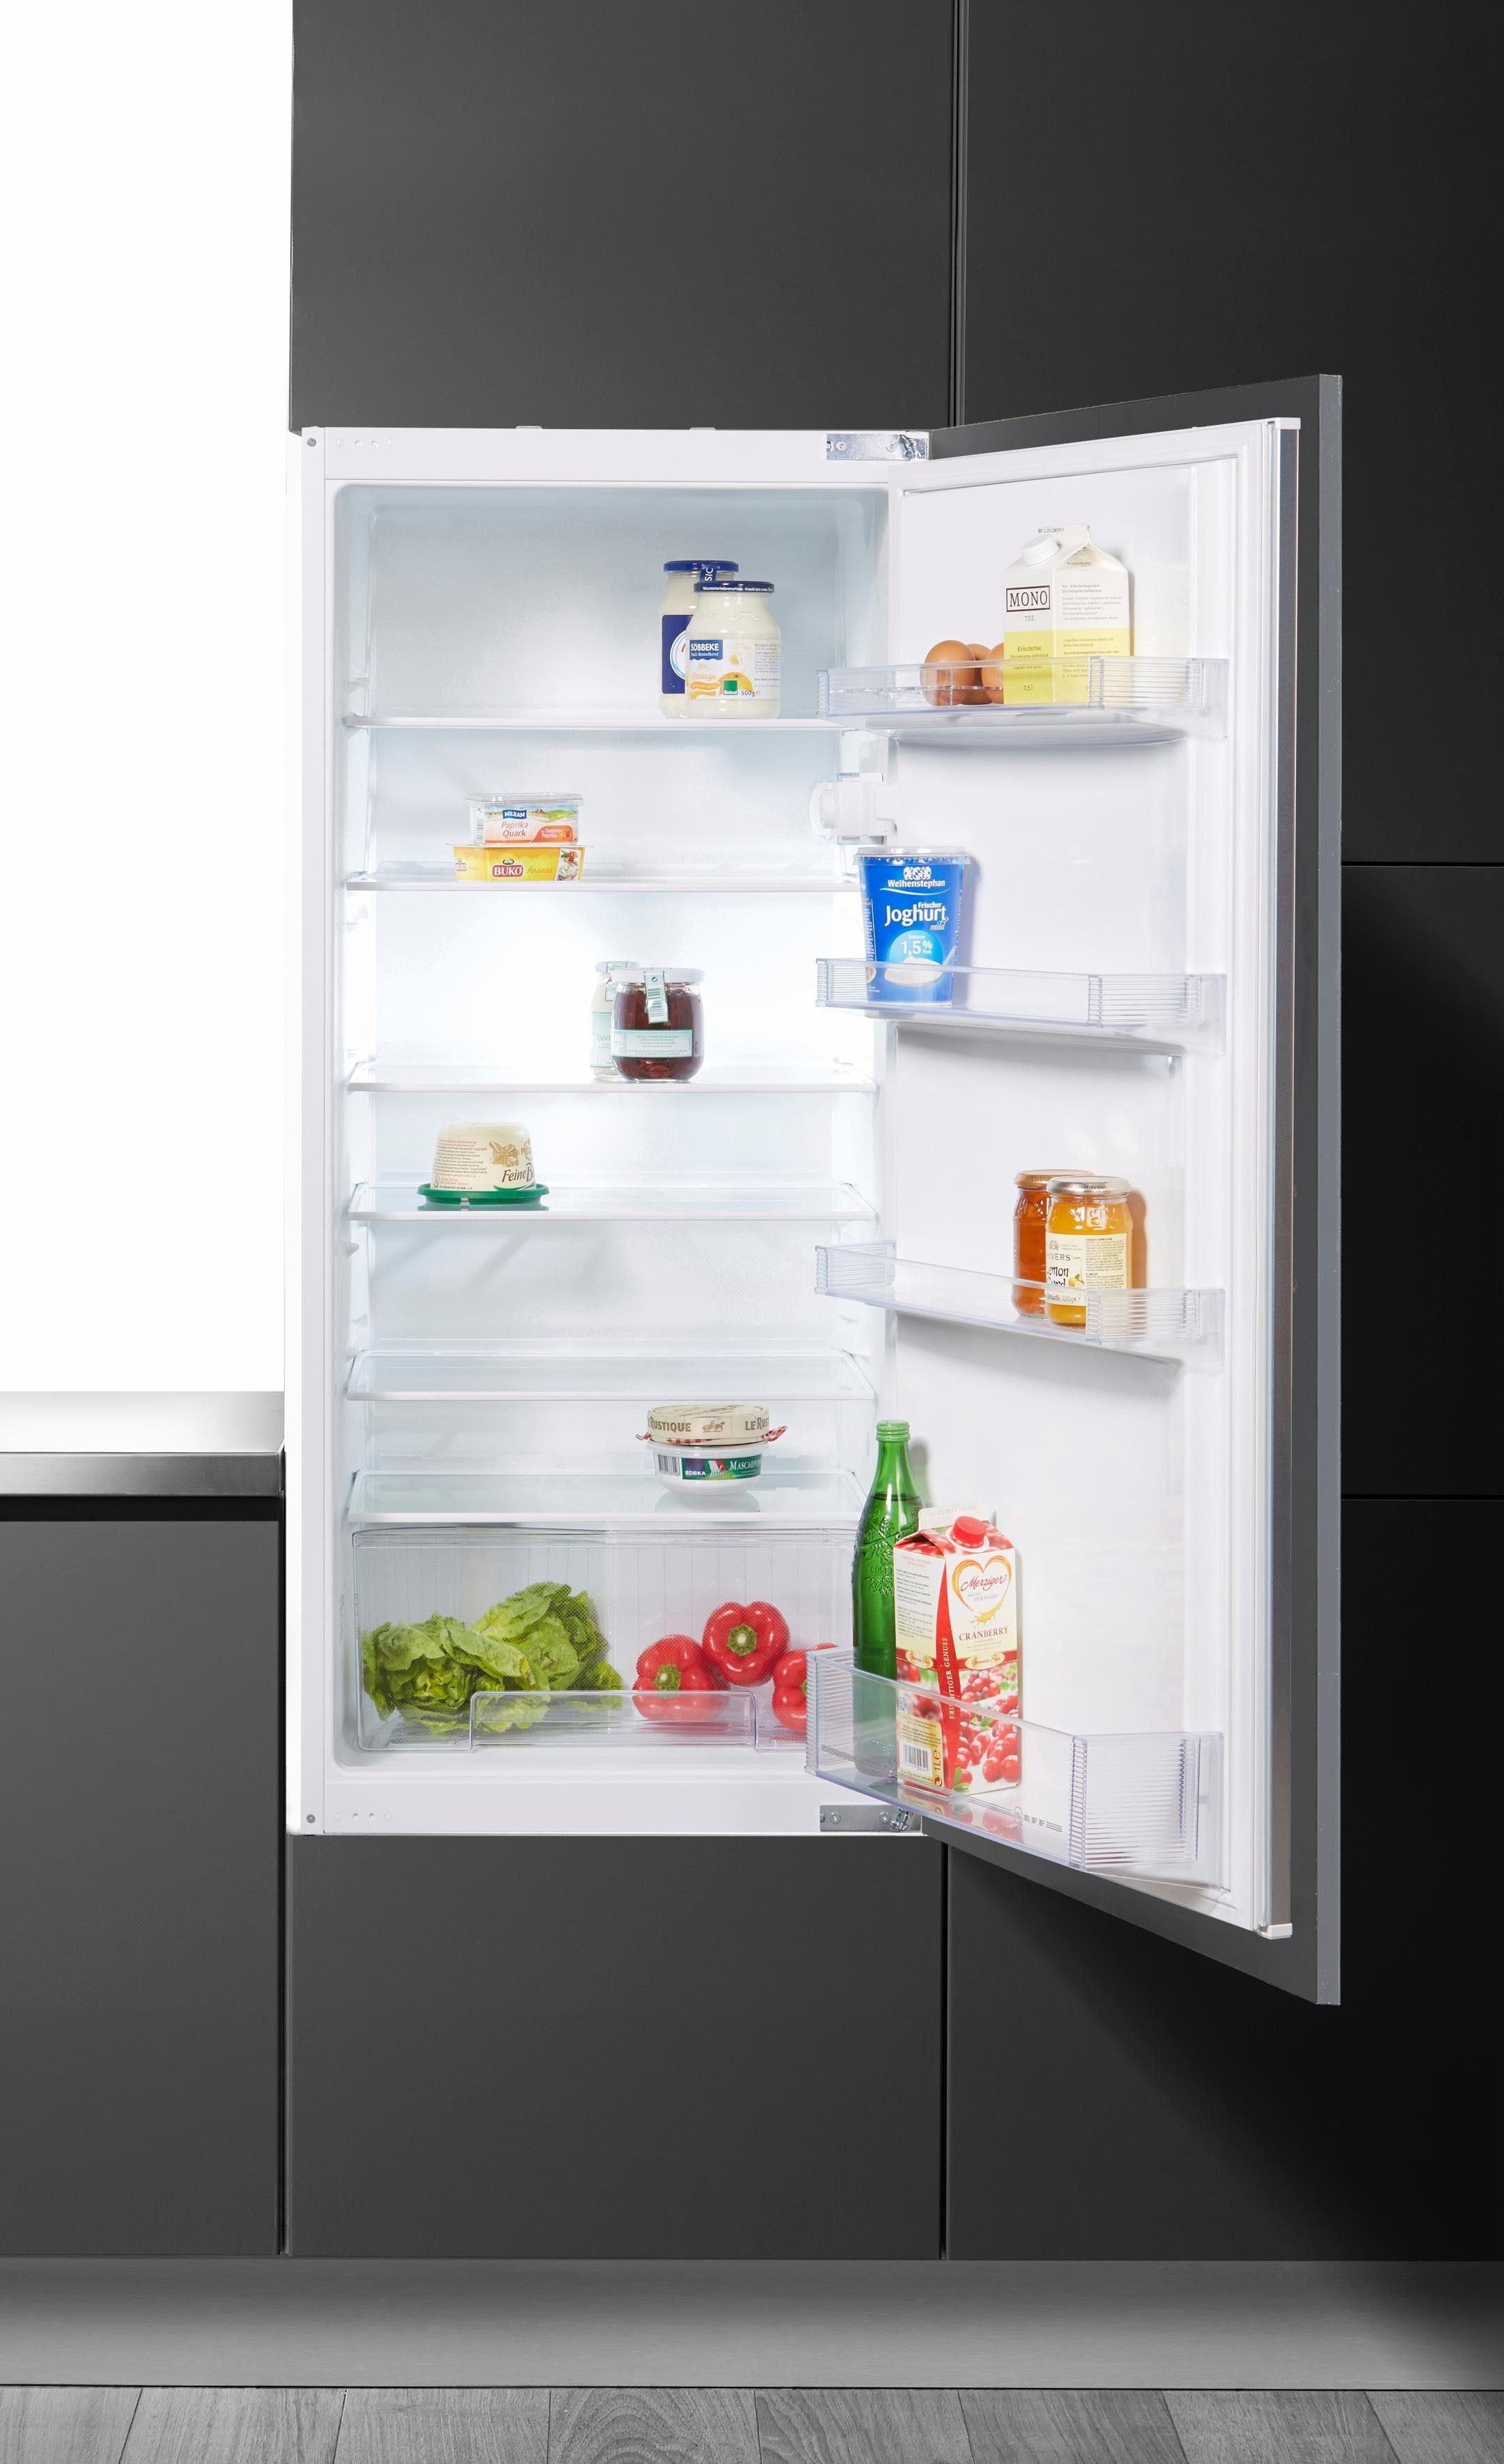 NEFF Einbaukühlschrank K414A2 / K1544X8, 122,1 cm hoch, 54,1 cm breit, integrierbar